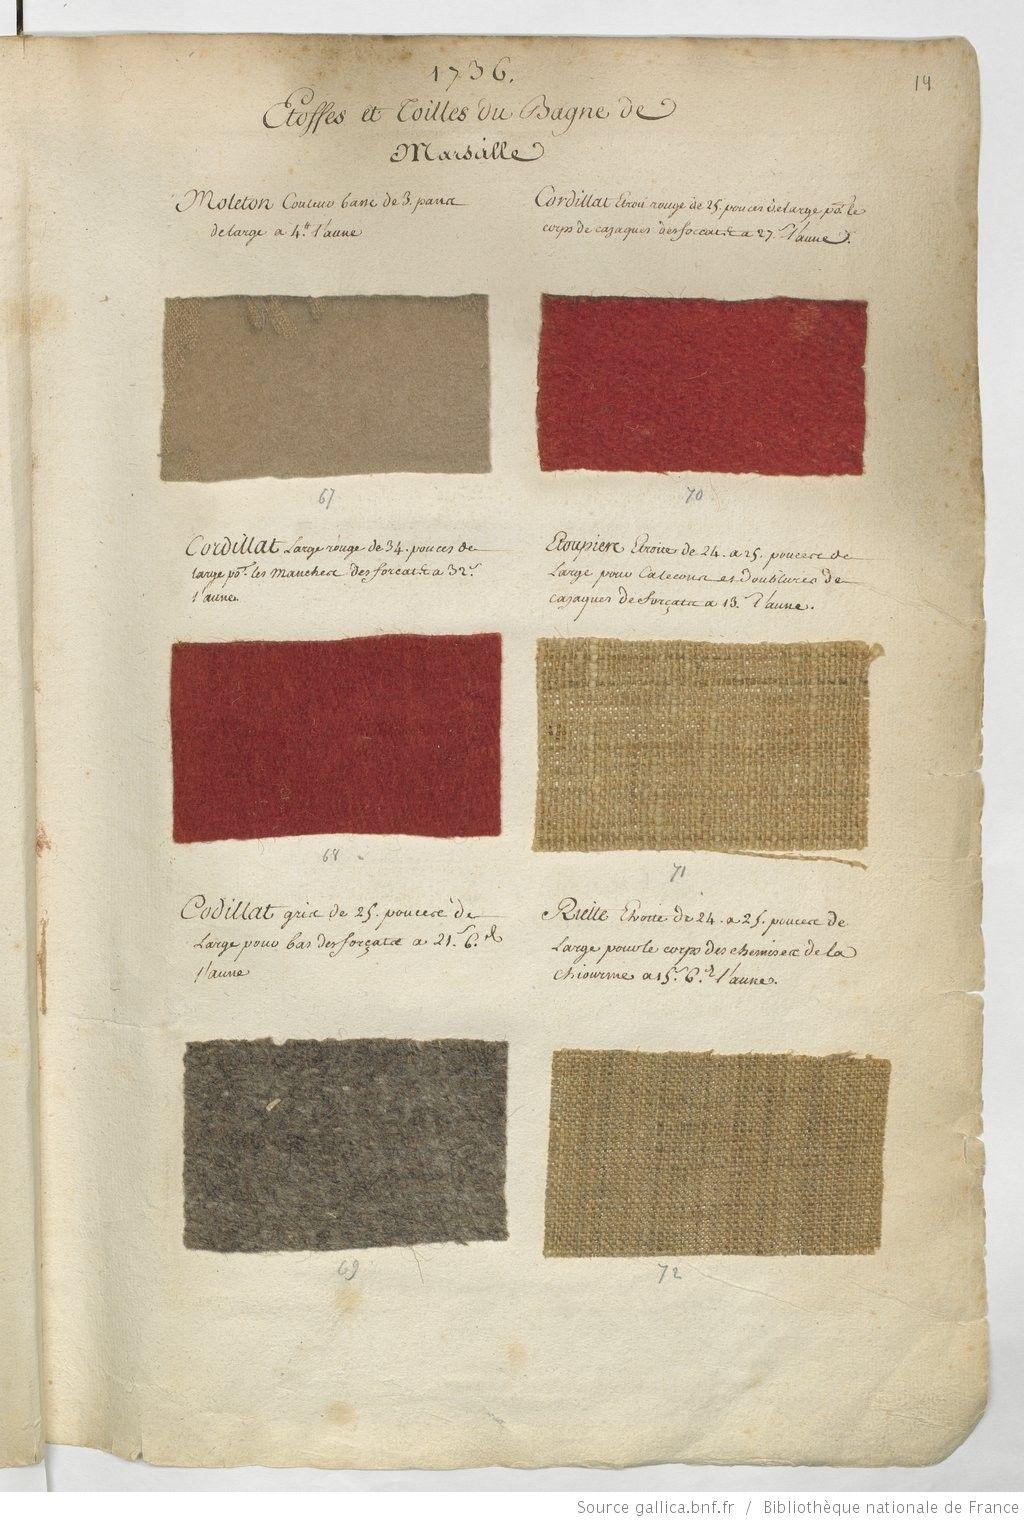 1736 etoffes et grosses toilles de la manufacture du bagne de marseille chantillons de. Black Bedroom Furniture Sets. Home Design Ideas